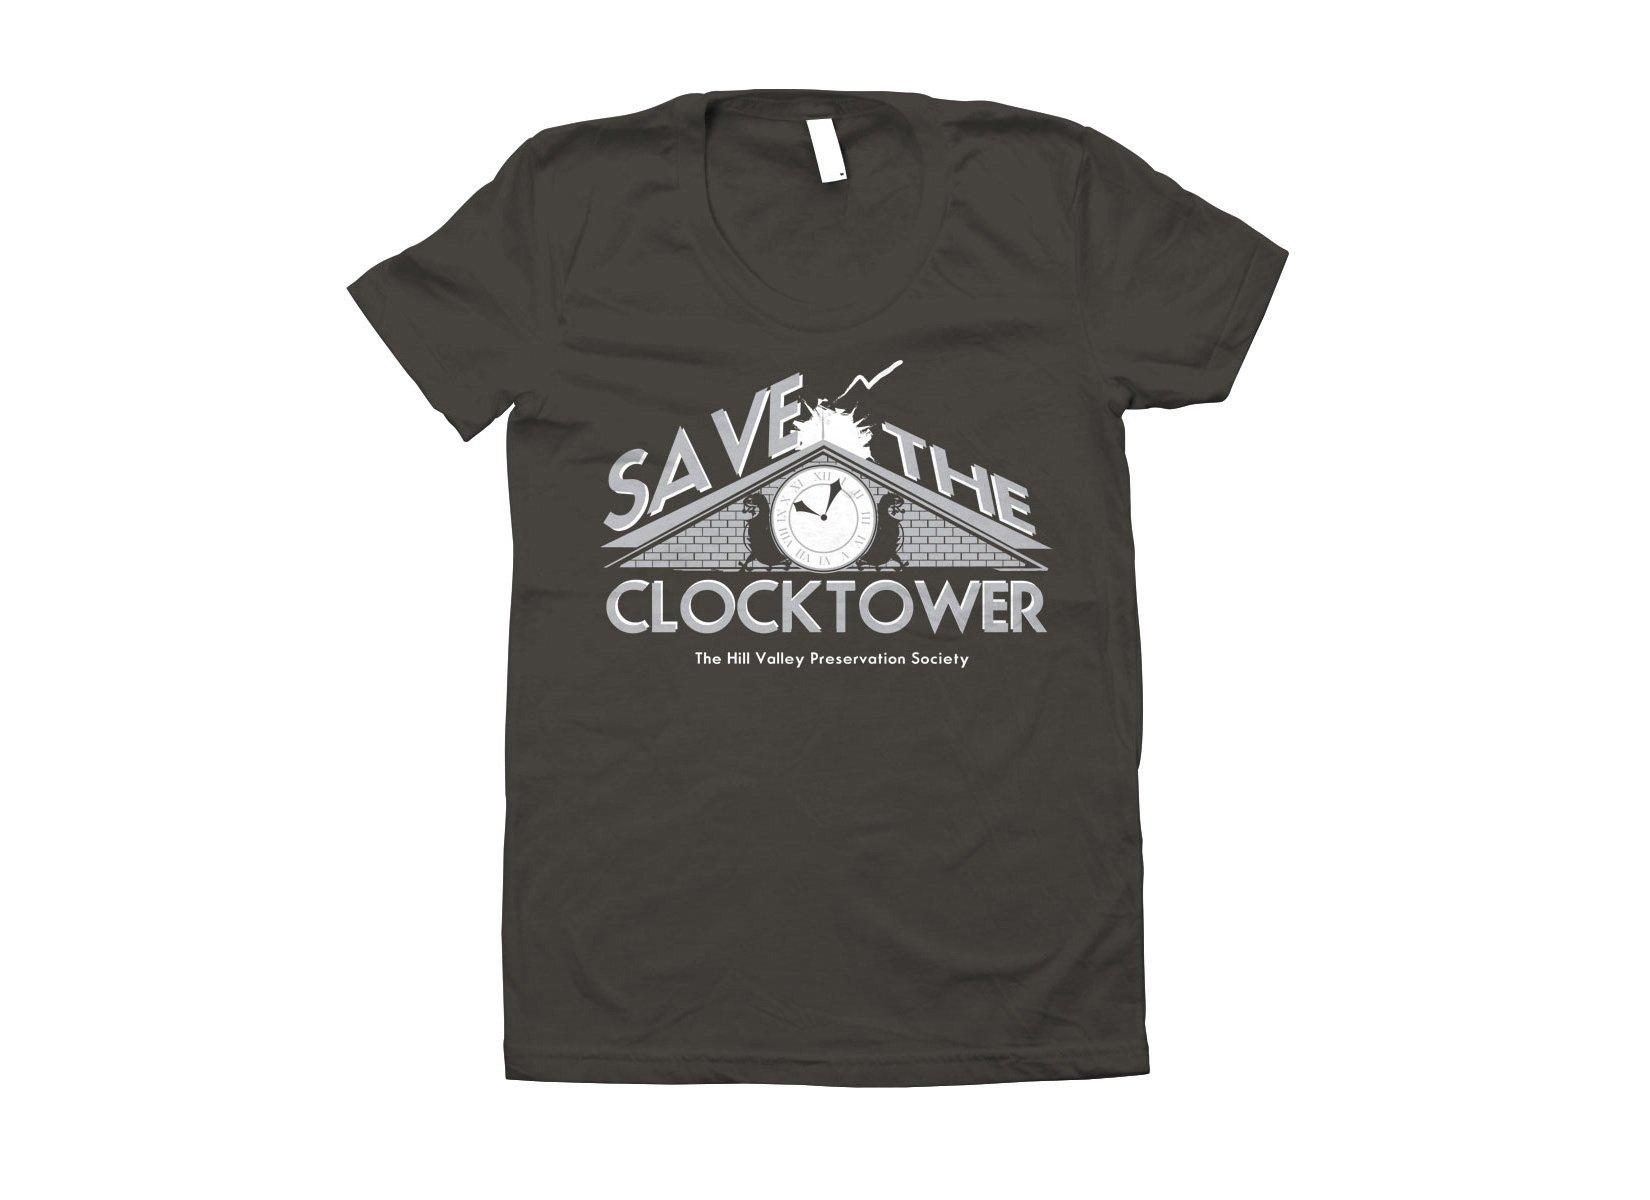 612f3a0a Save The Clocktower T-Shirt | SnorgTees